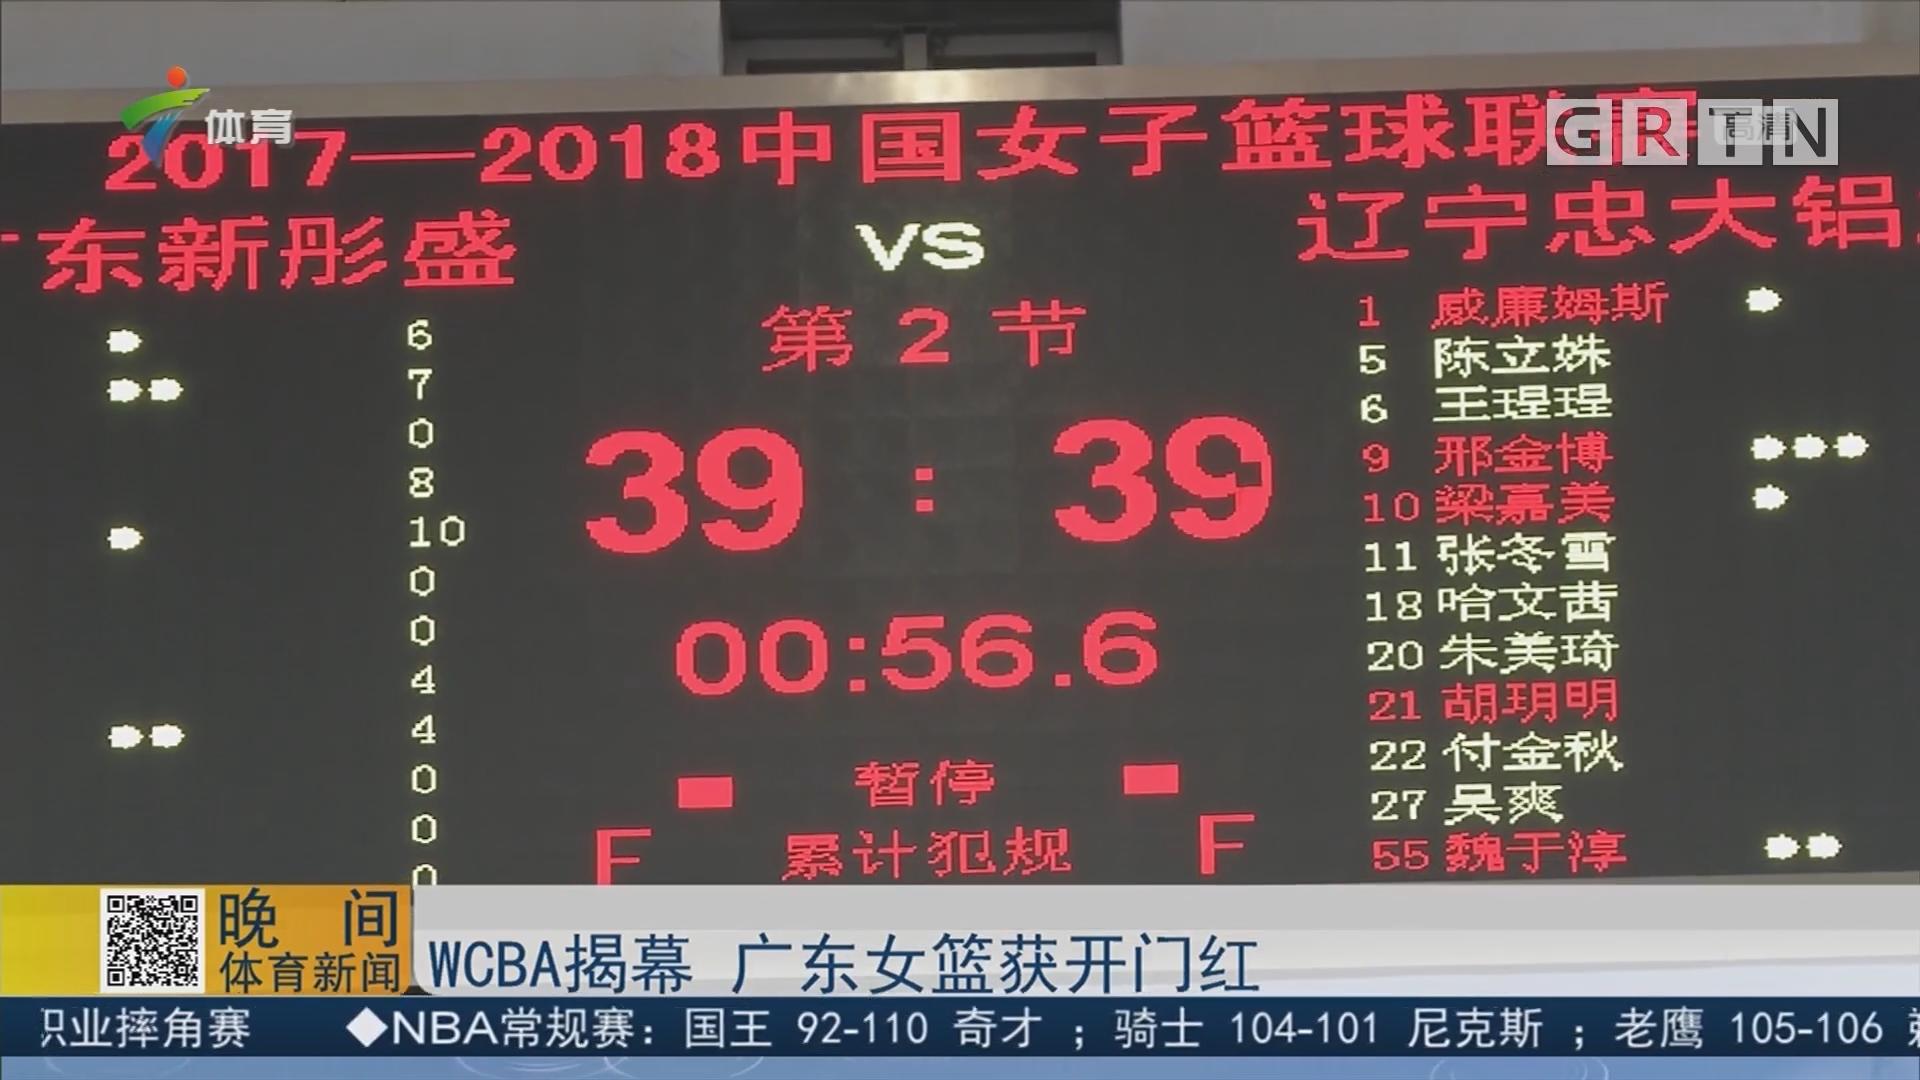 WCBA揭幕 广东女篮获开门红